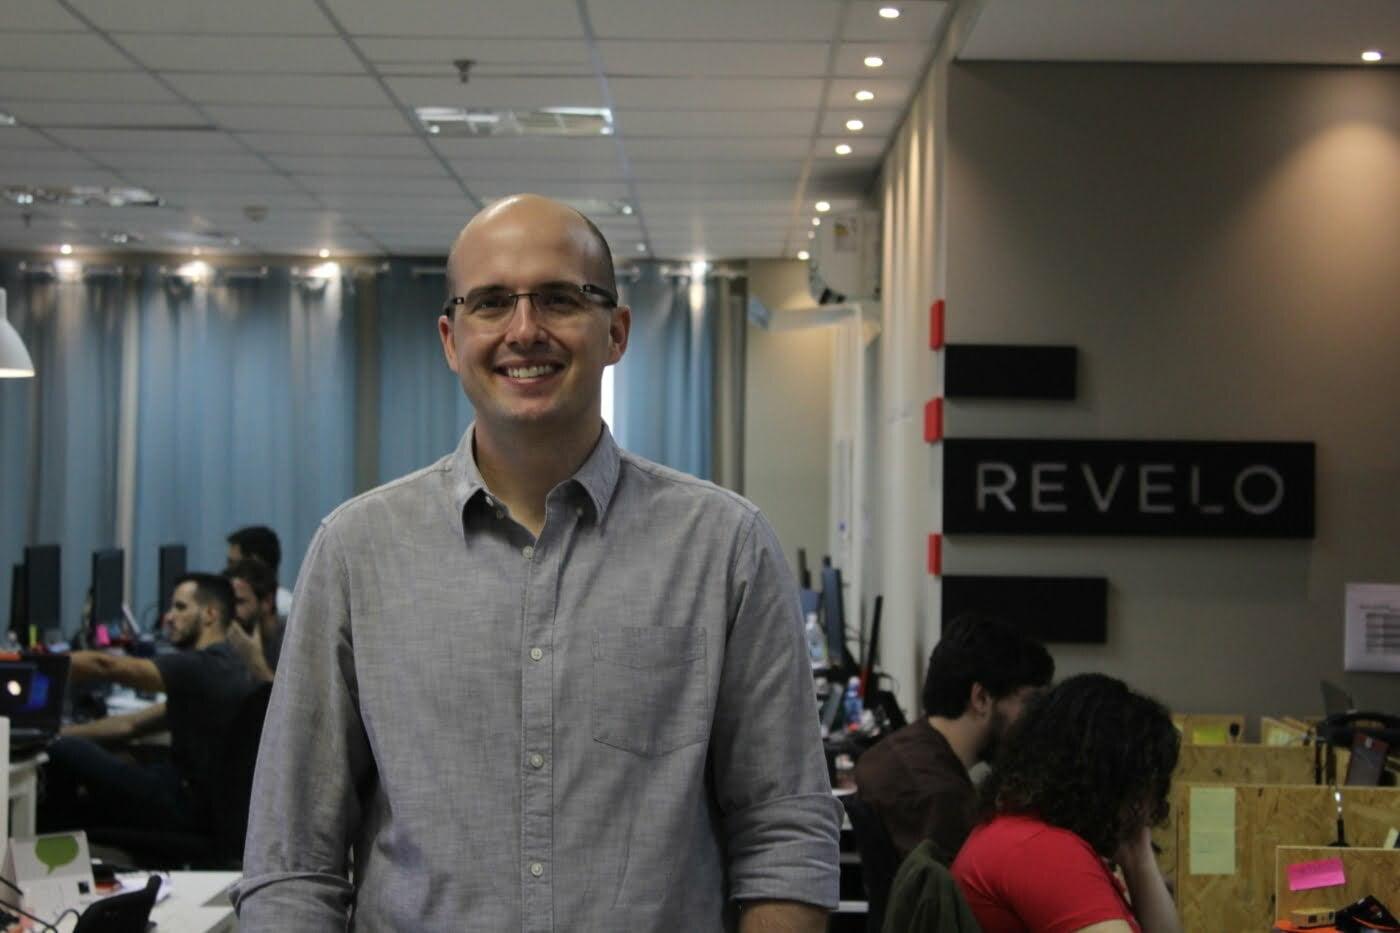 Com base em uma pesquisa realizada pela Revelo, Lucas Mendes desconstrói mitos sobre a geração Y em relação a comportamento e carreira.